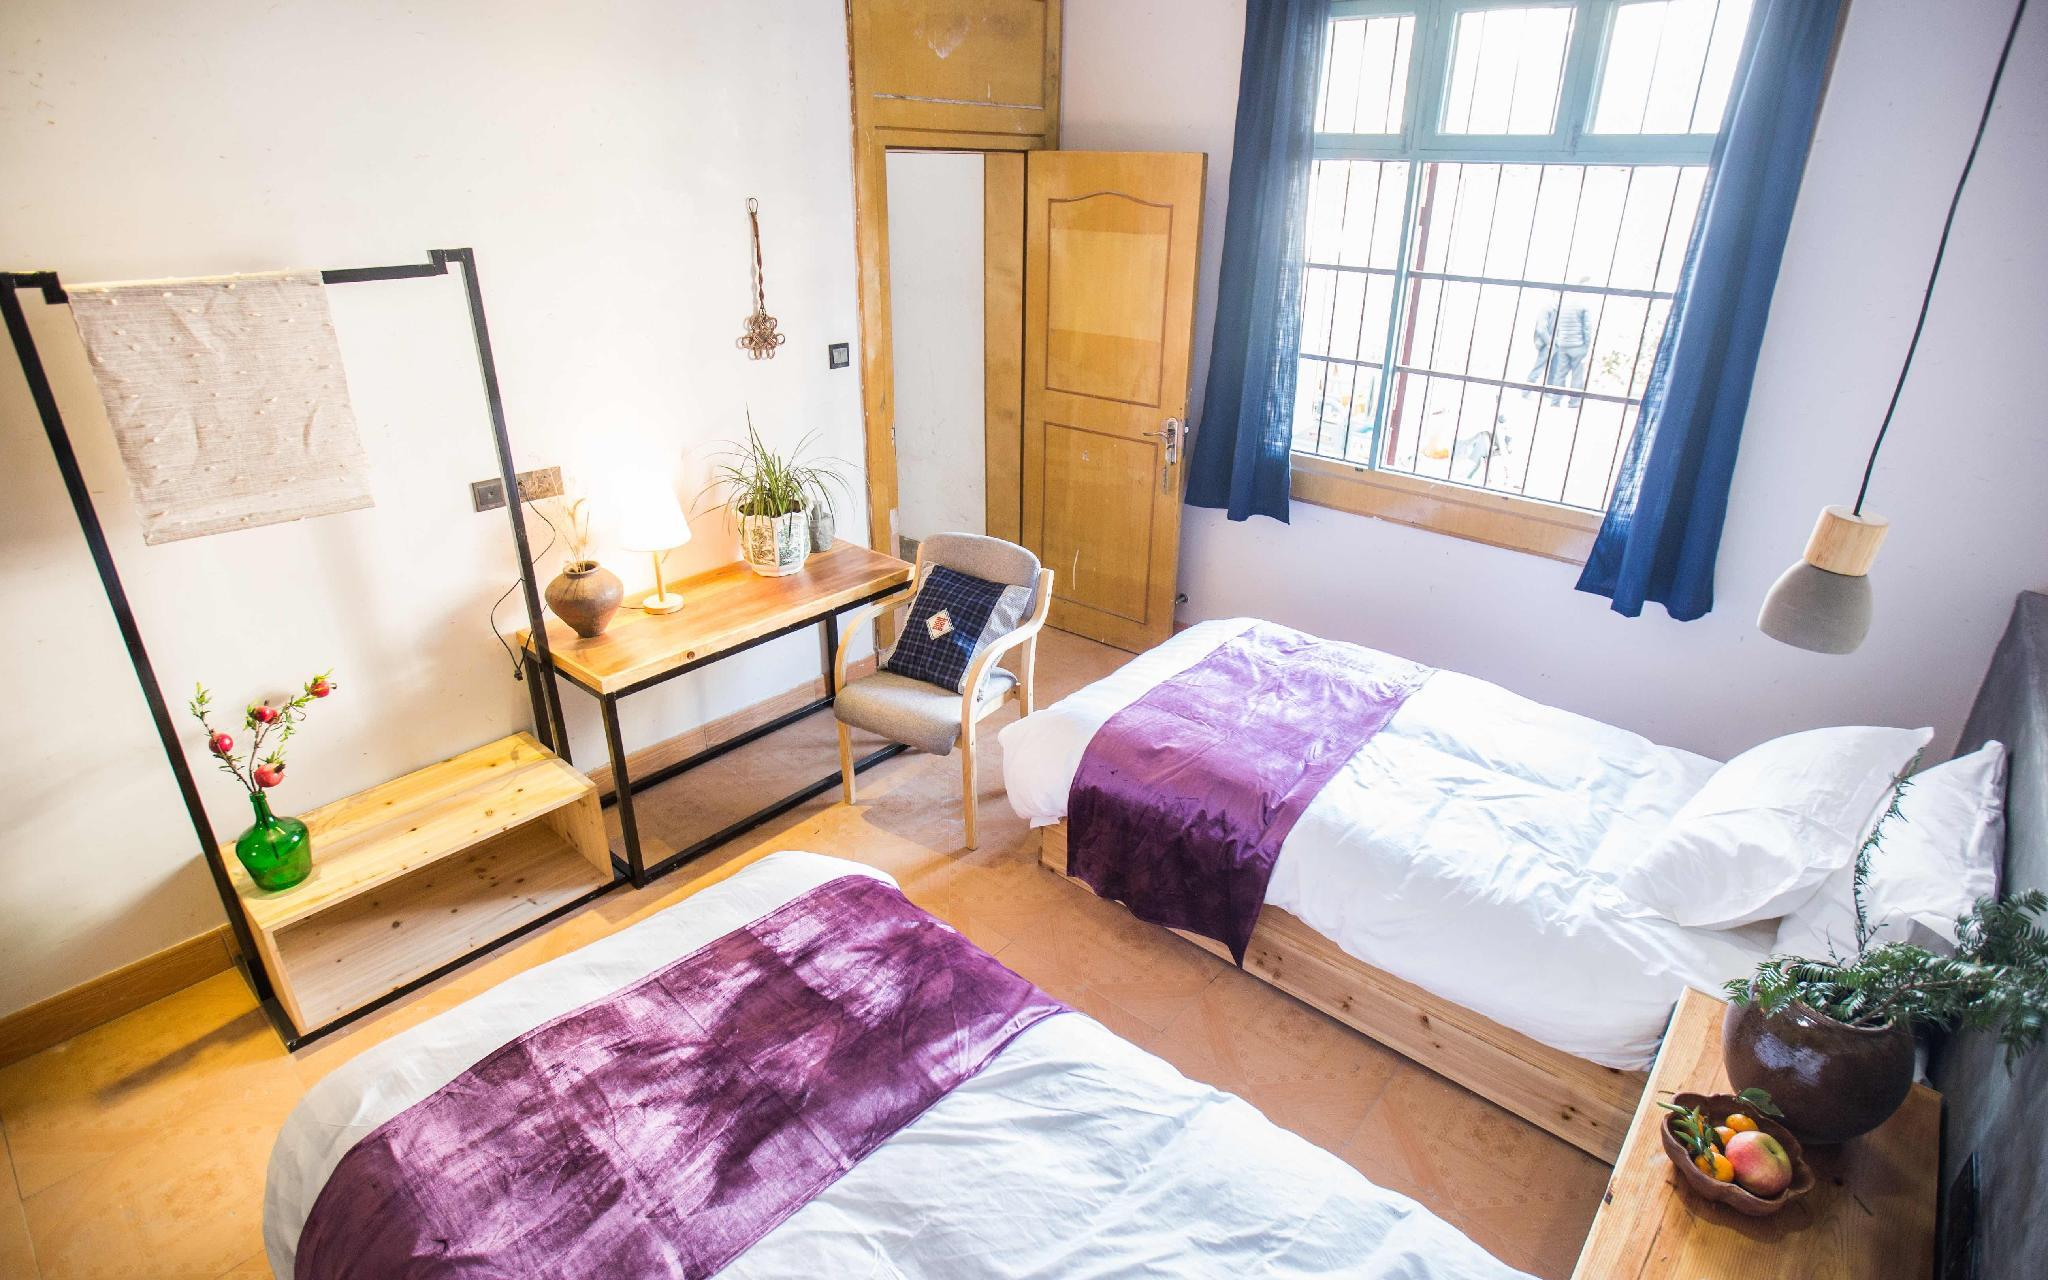 YUANXIANG QIYUN Homestay 2 Bed Private Room